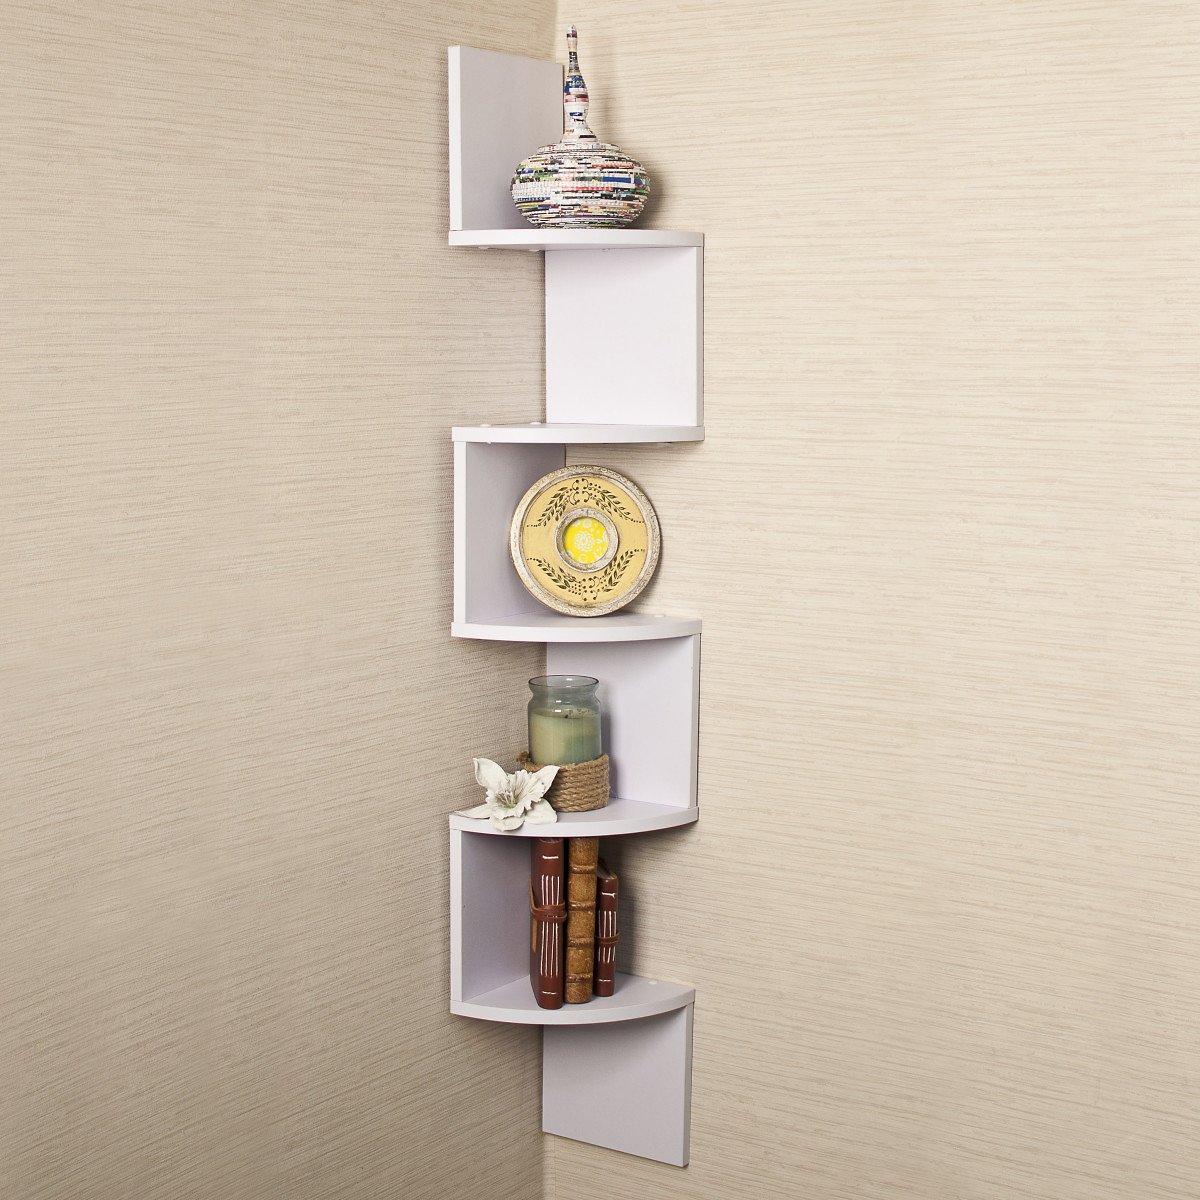 Ridgeway Corner Wall Shelf $29.97 $30